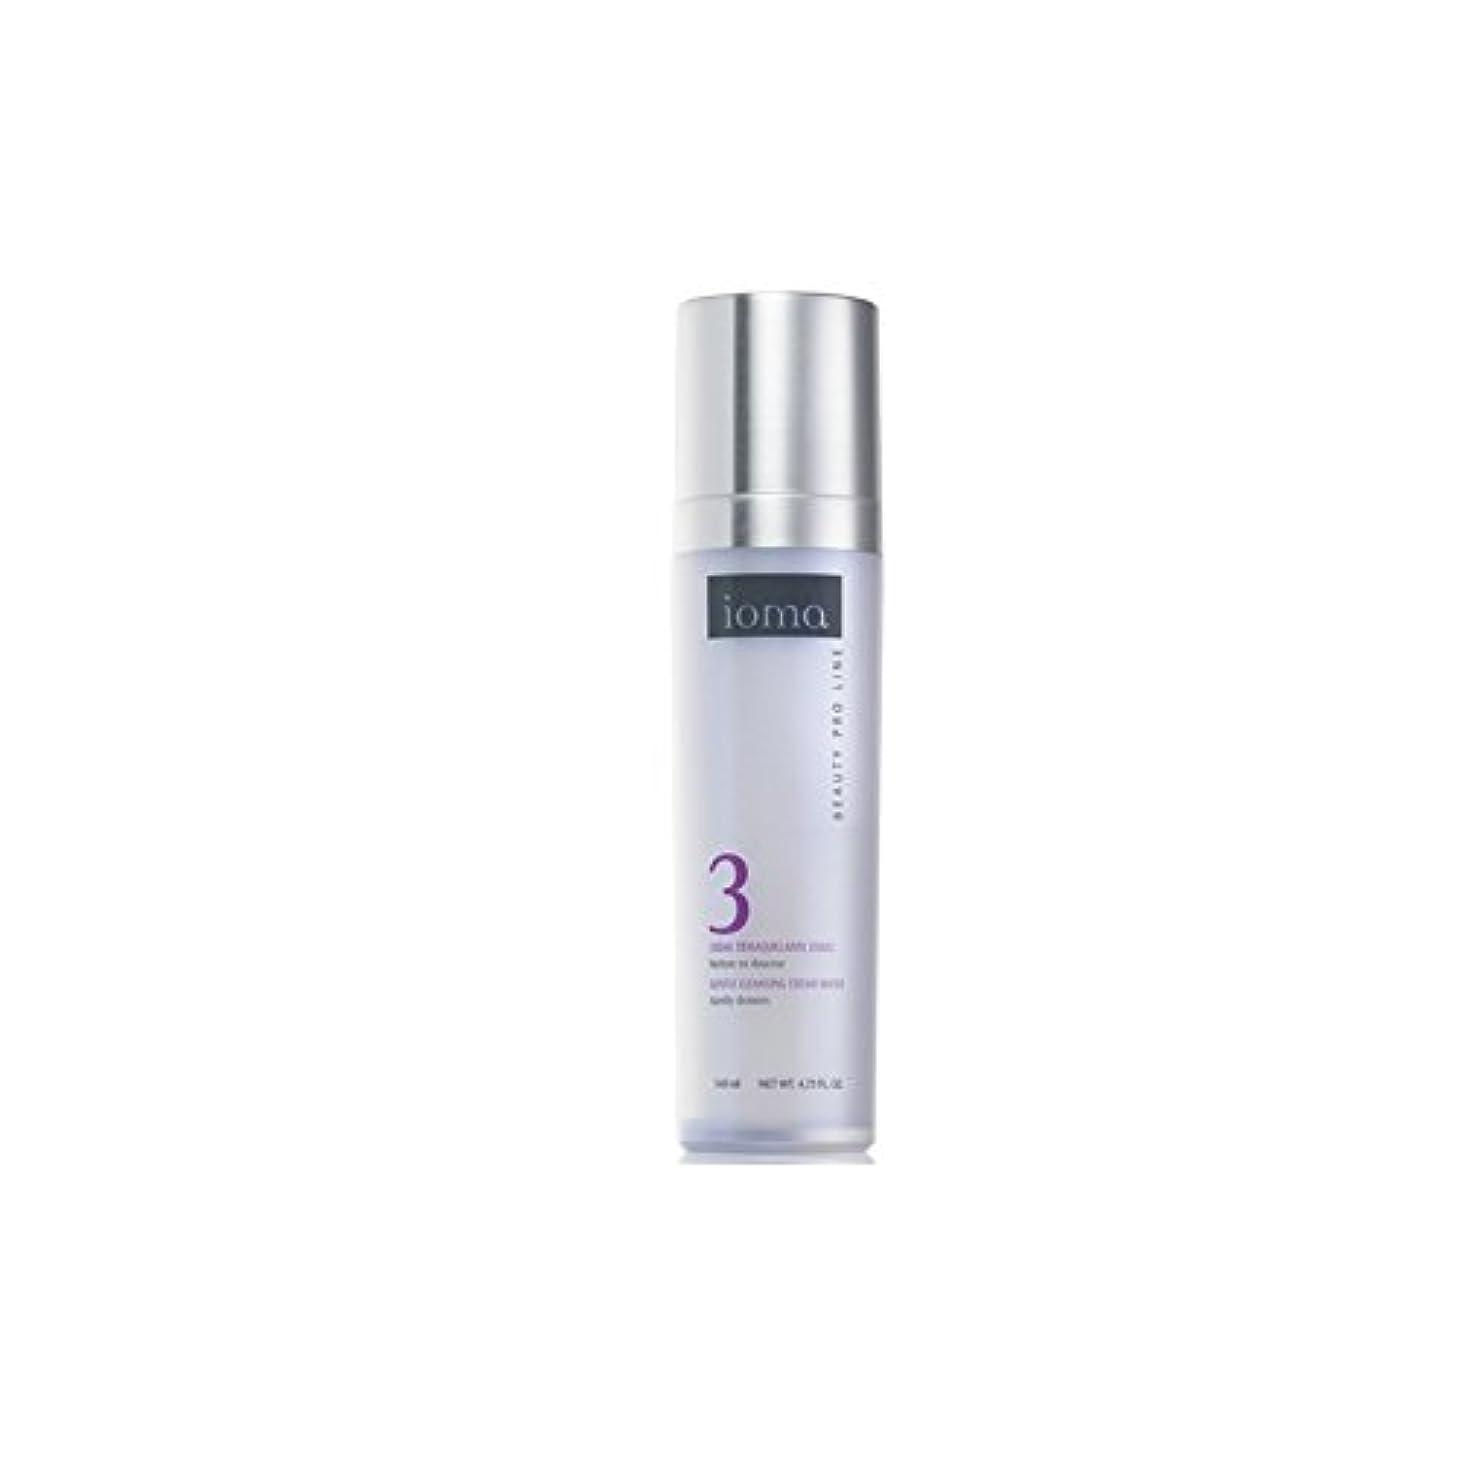 補助金果てしない敬Ioma Gentle Cleansing Cream Water 140ml (Pack of 6) - ジェントルクレンジングクリーム水140ミリリットル x6 [並行輸入品]